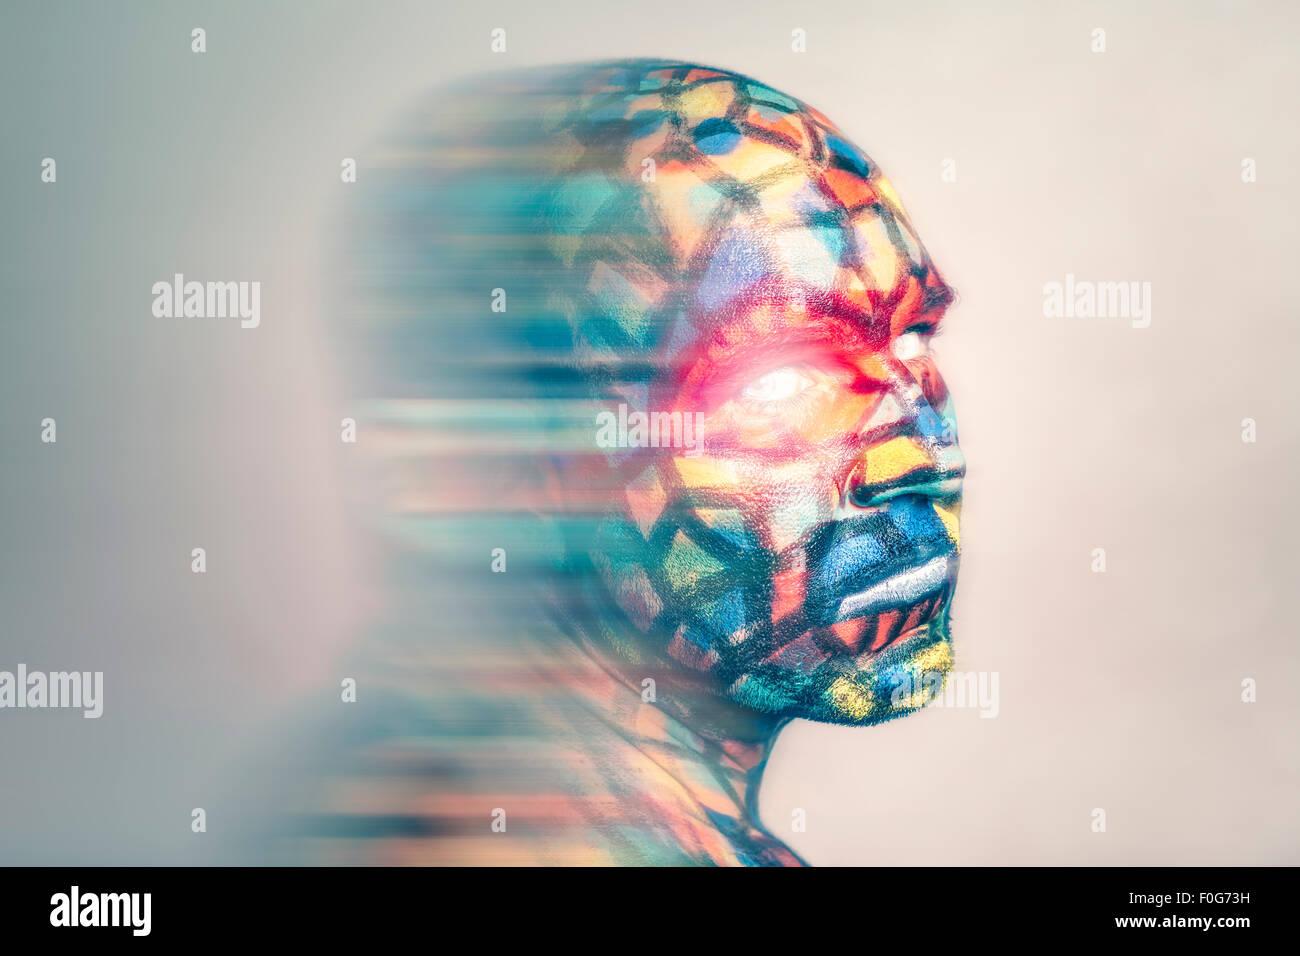 Superhelden-Porträt, bunte Gesicht Kunst mit Bewegung Unschärfe-Effekt. Stockbild